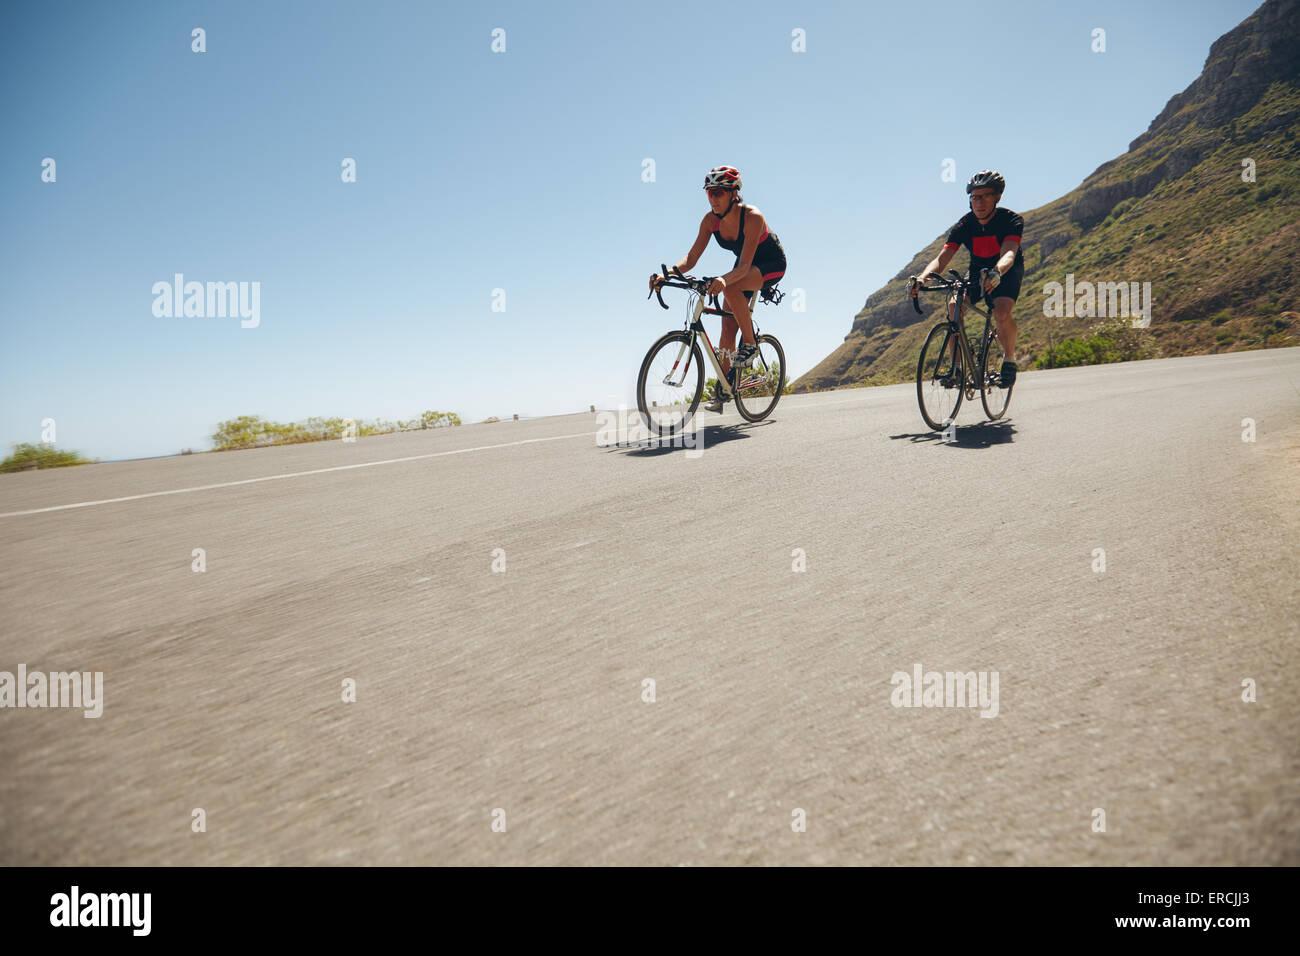 Gli atleti in competizione nella gamba del ciclismo di triathlon. Triatleti ciclismo su aprire strade di campagna. Immagini Stock